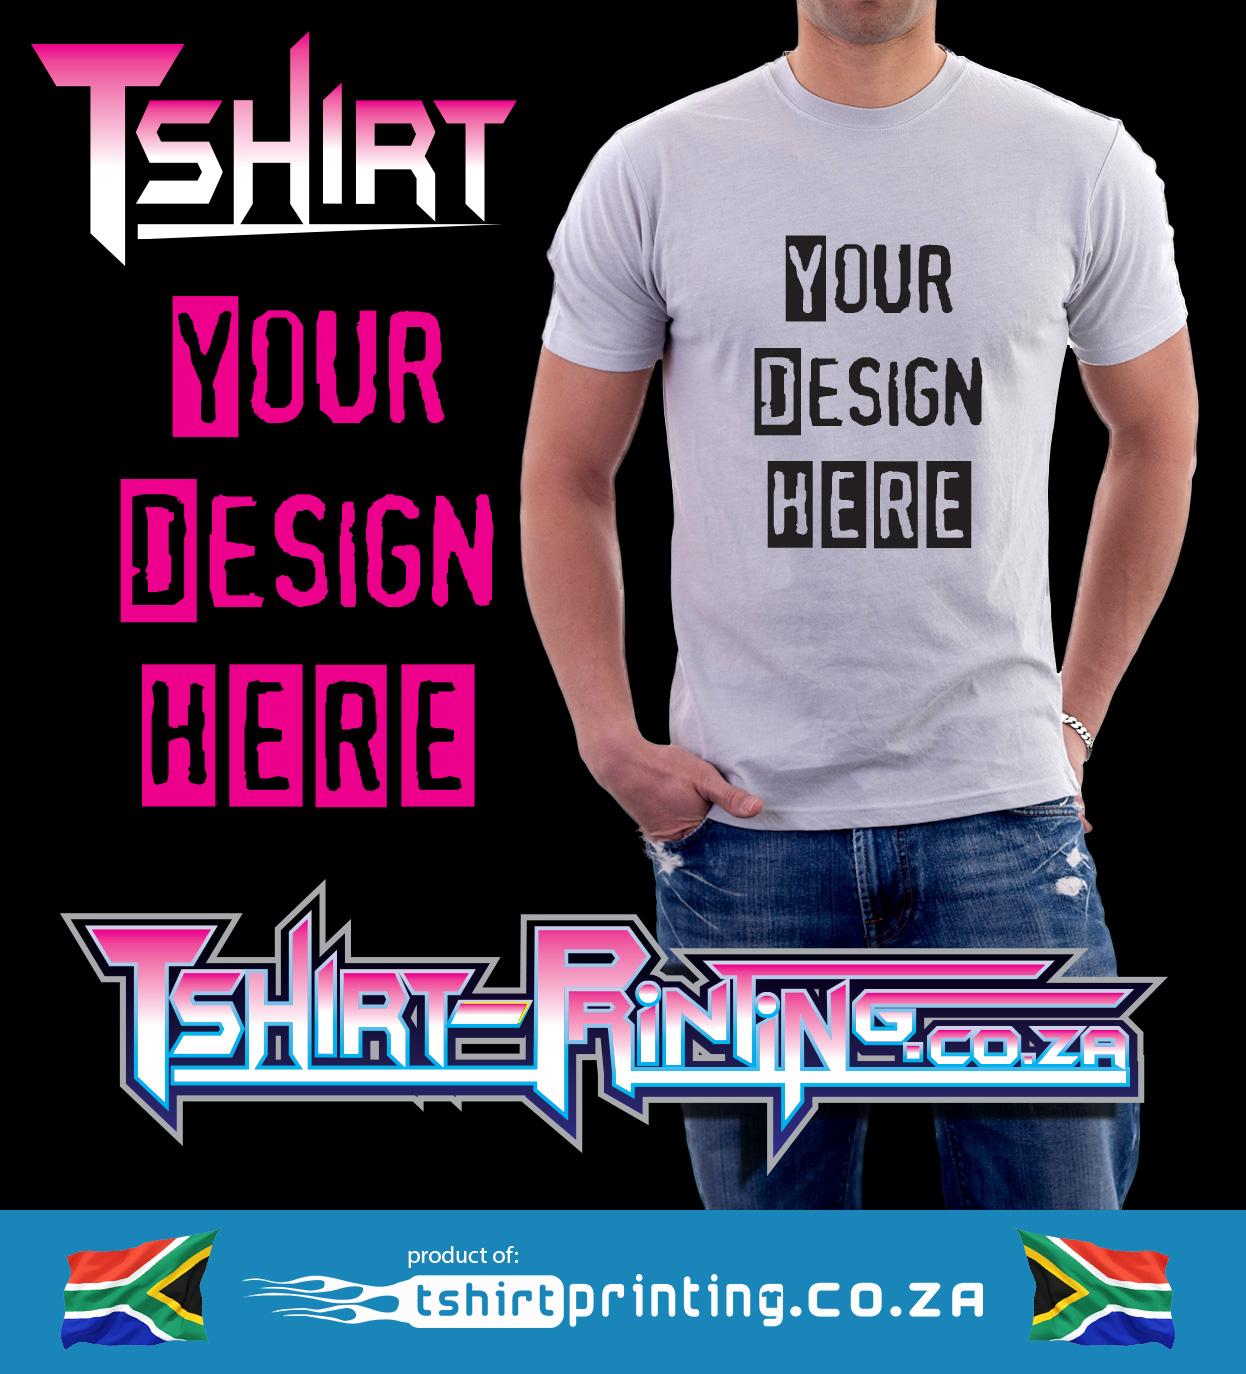 T shirt design za - Tshirt